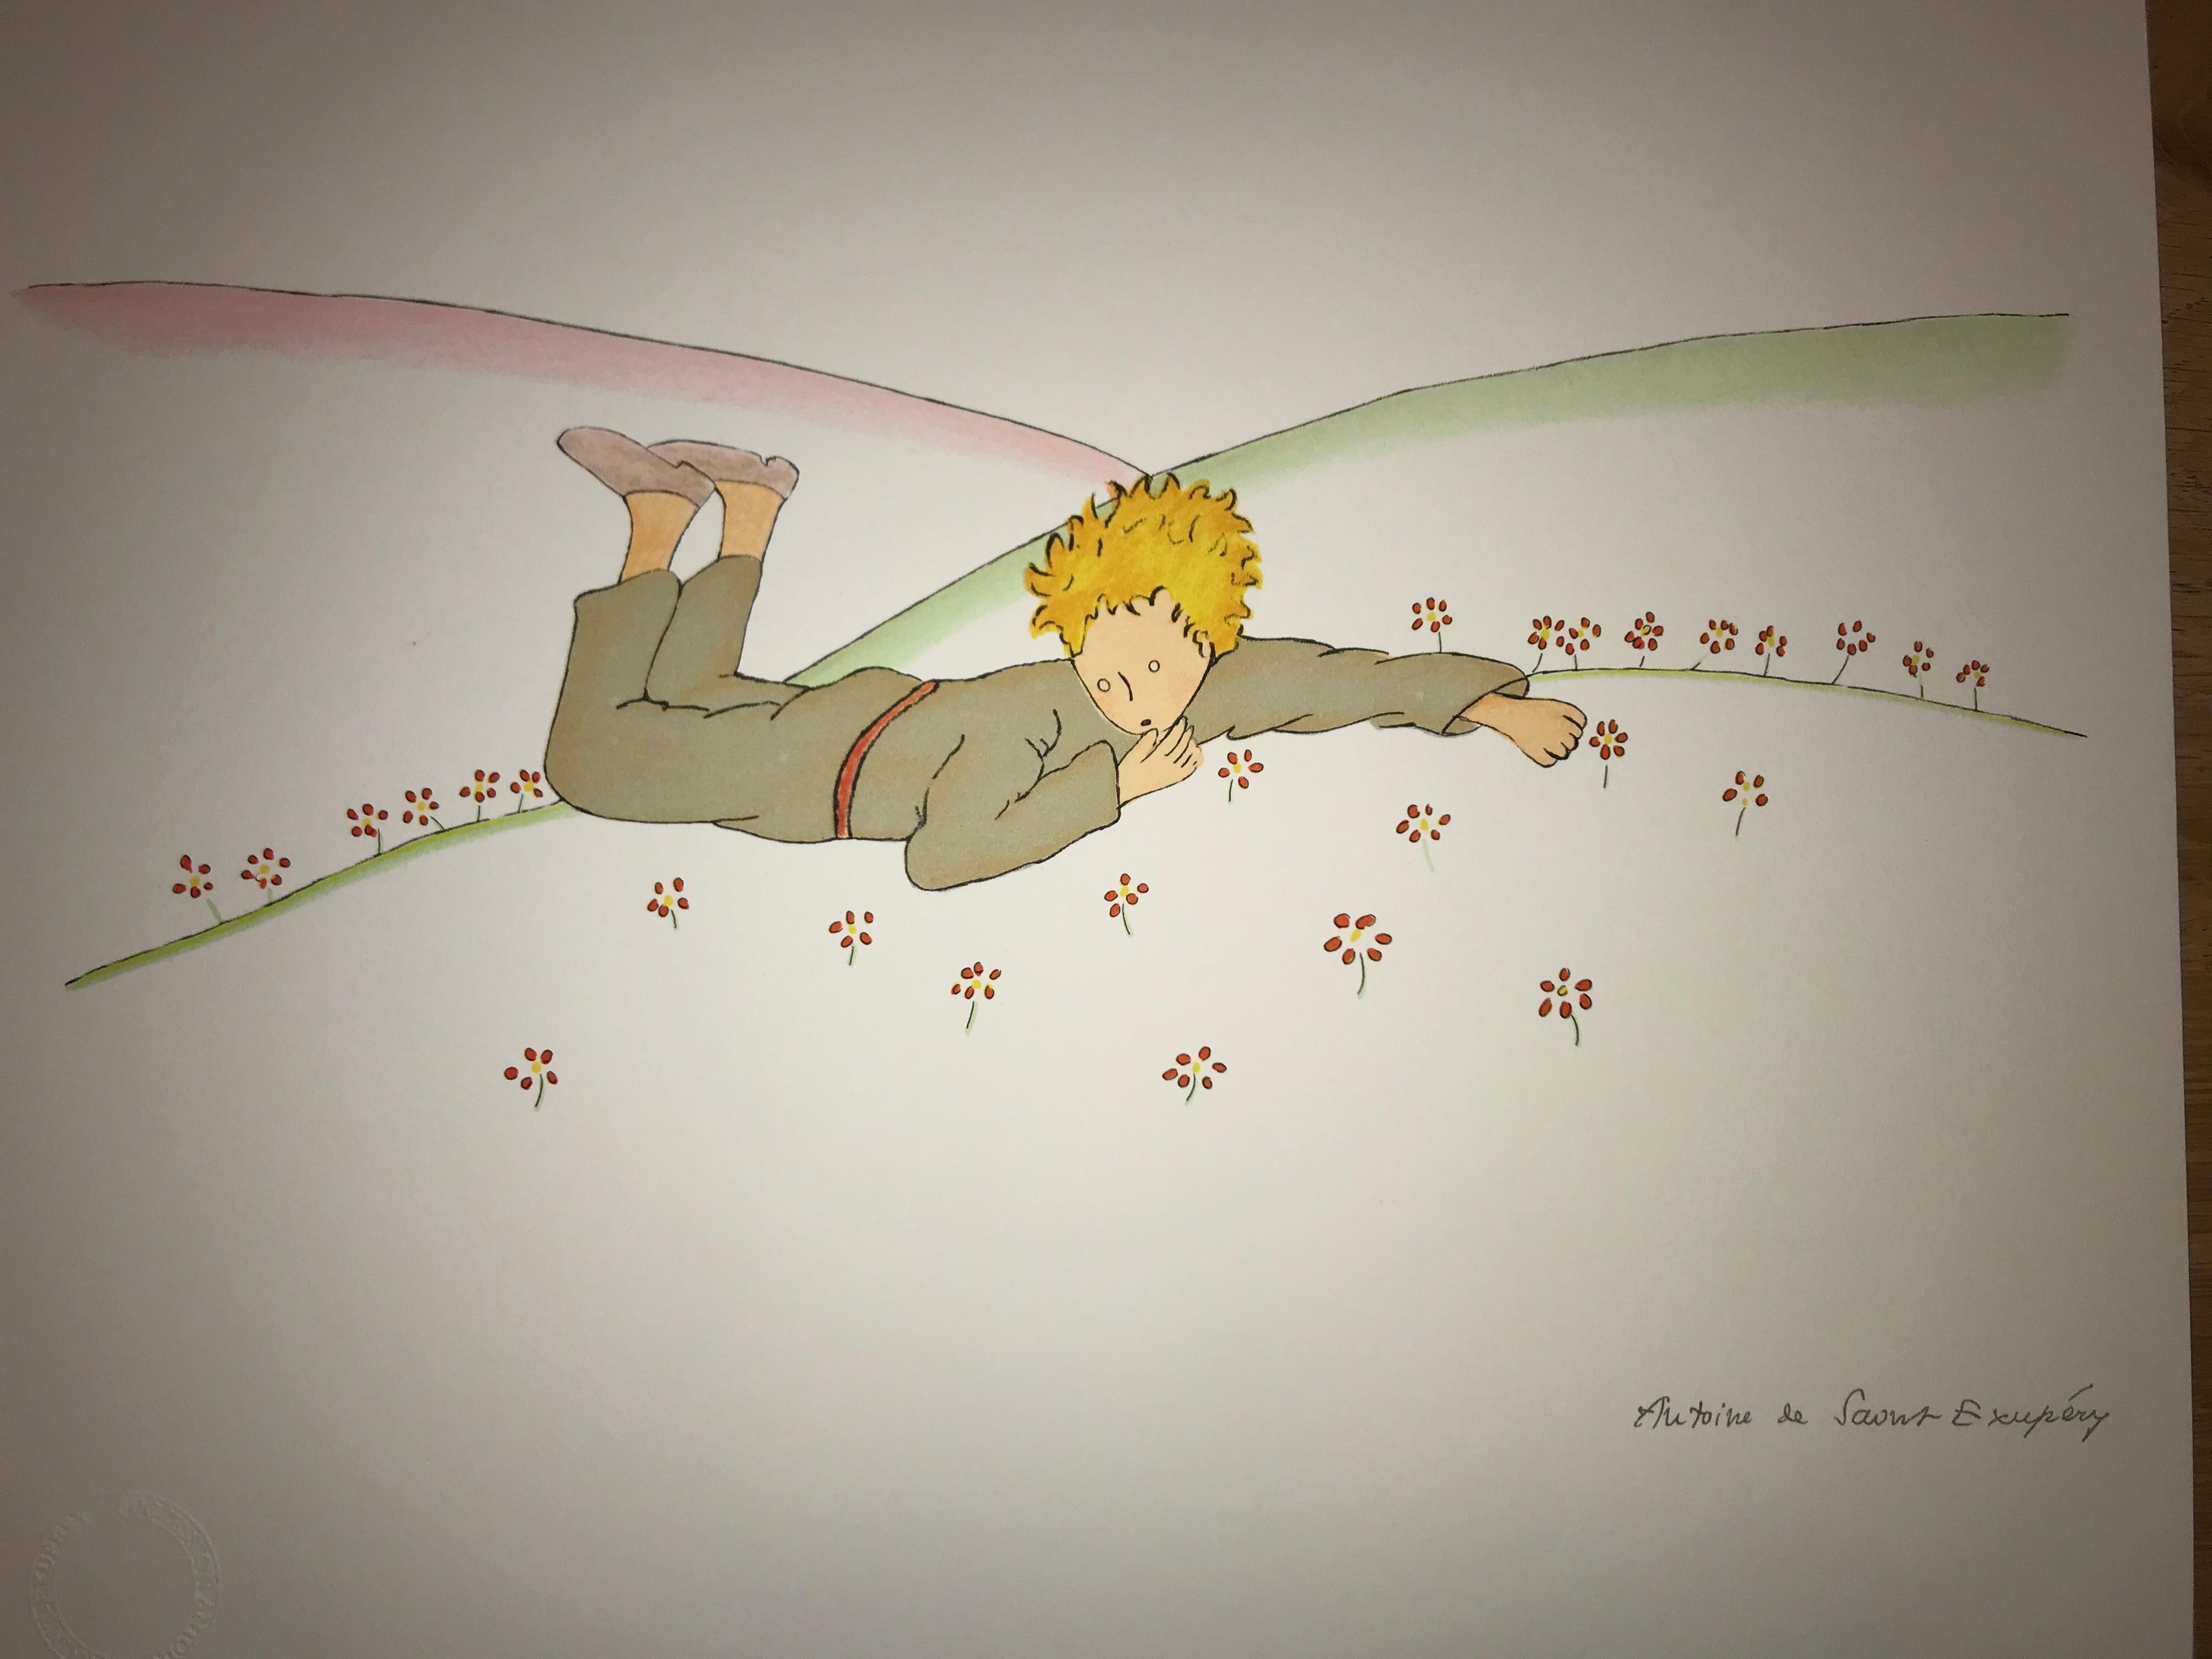 Le Petit Prince parmi les fleurs - Lithograph - 1900-1944 - Platesigned